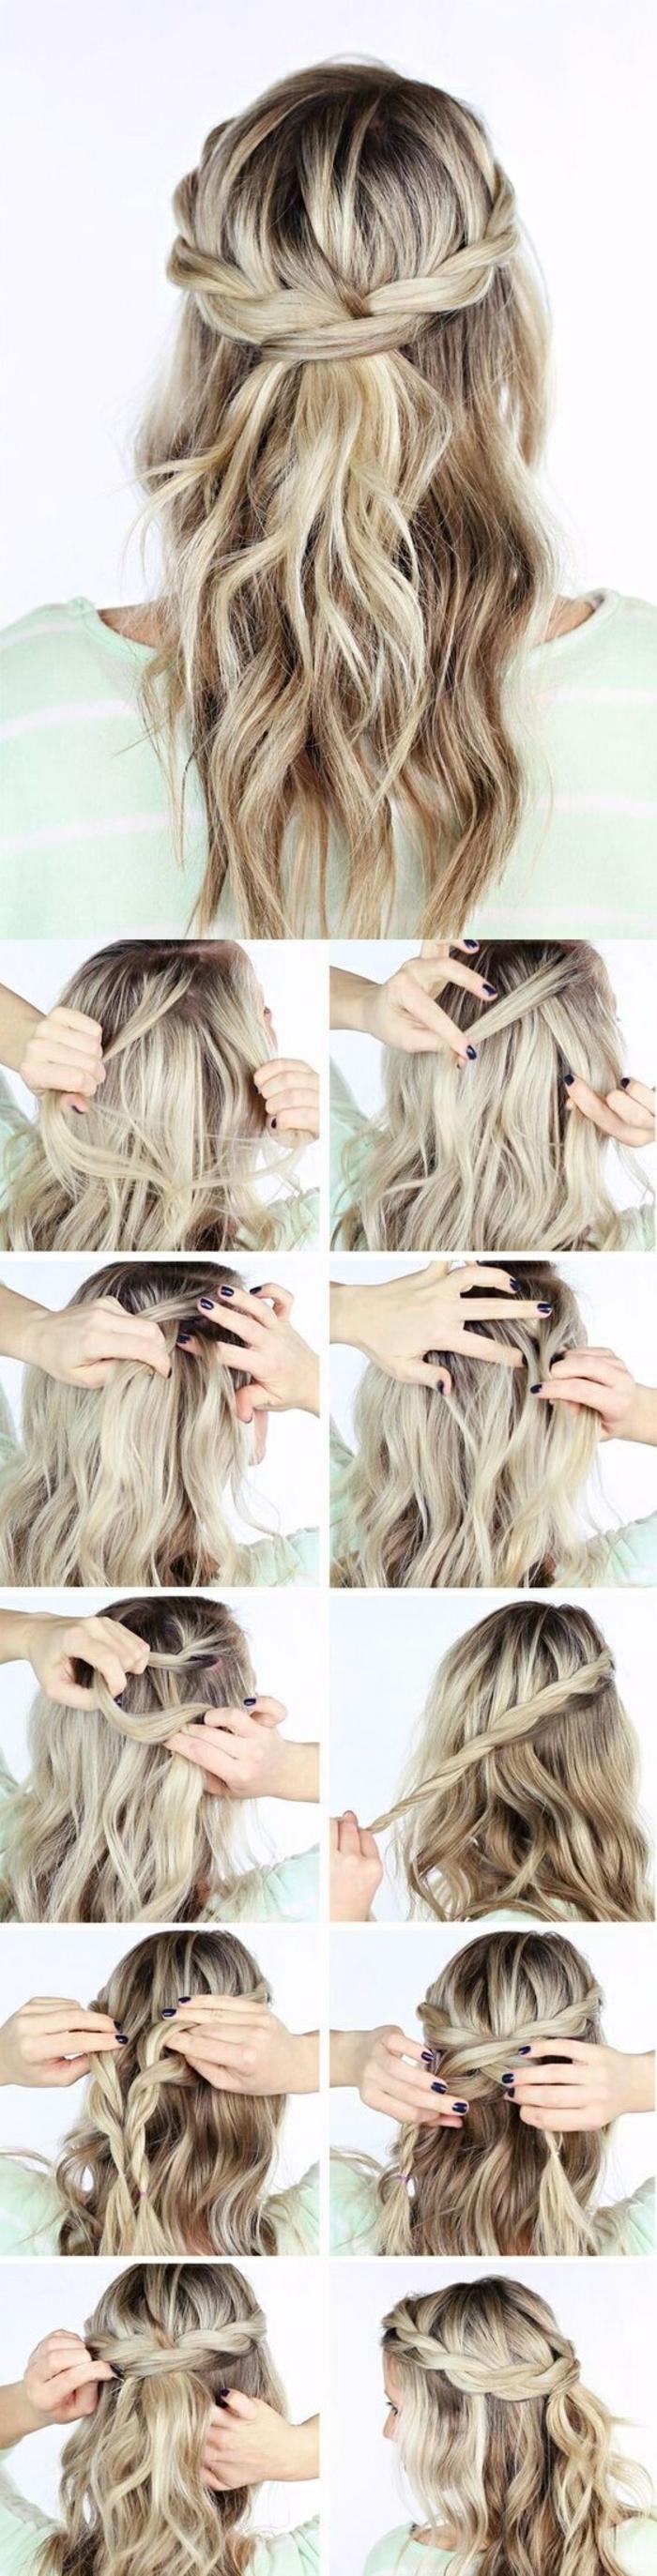 einfache frisuren - mittellange, blonde, lockige haare, tolle flechtfrisur